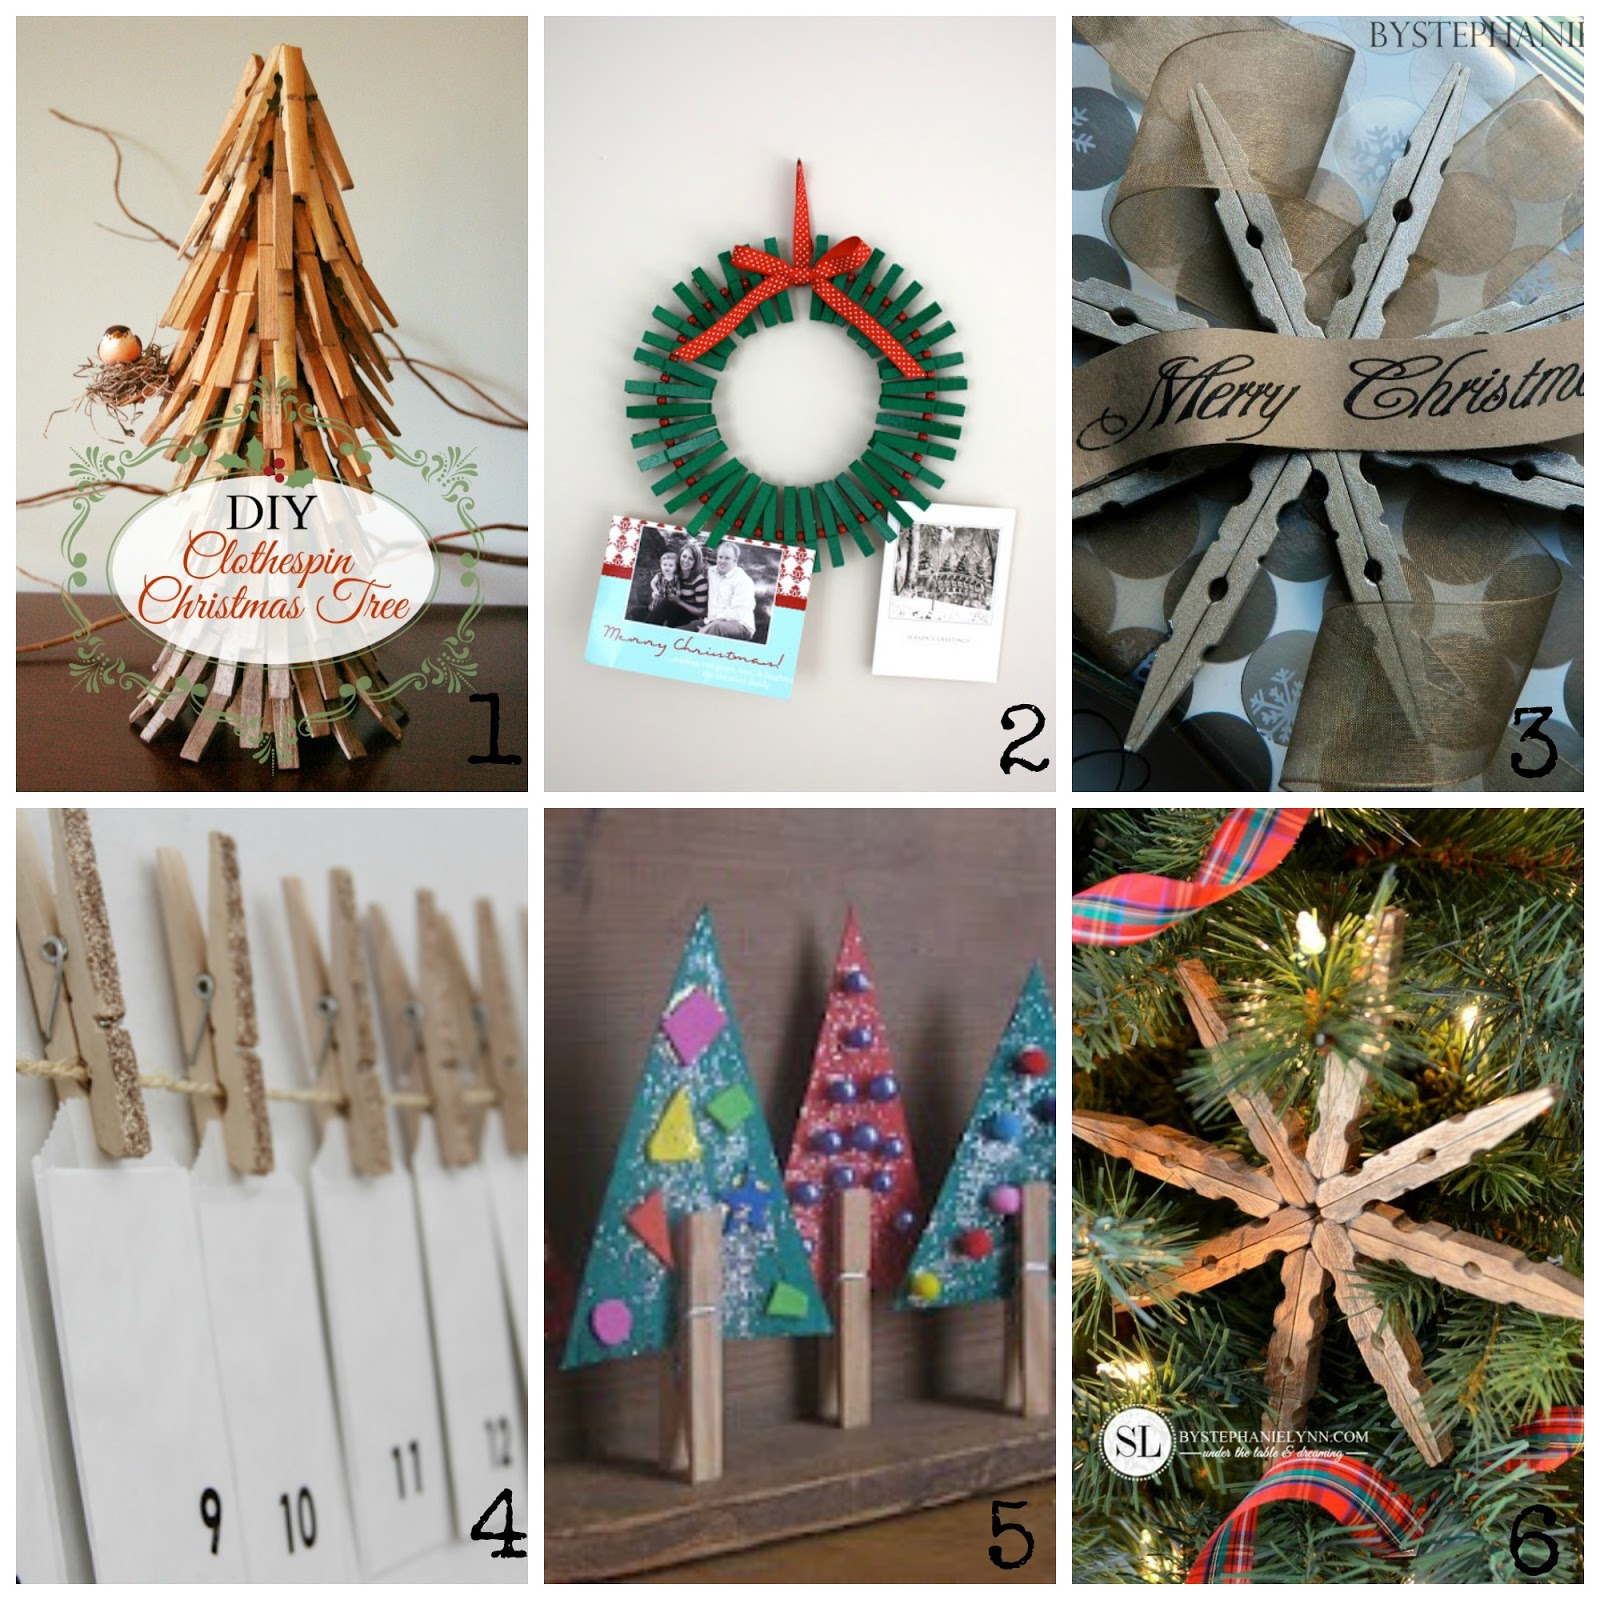 Decorazioni natalizie con le mollette di legno - Creare decorazioni natalizie ...